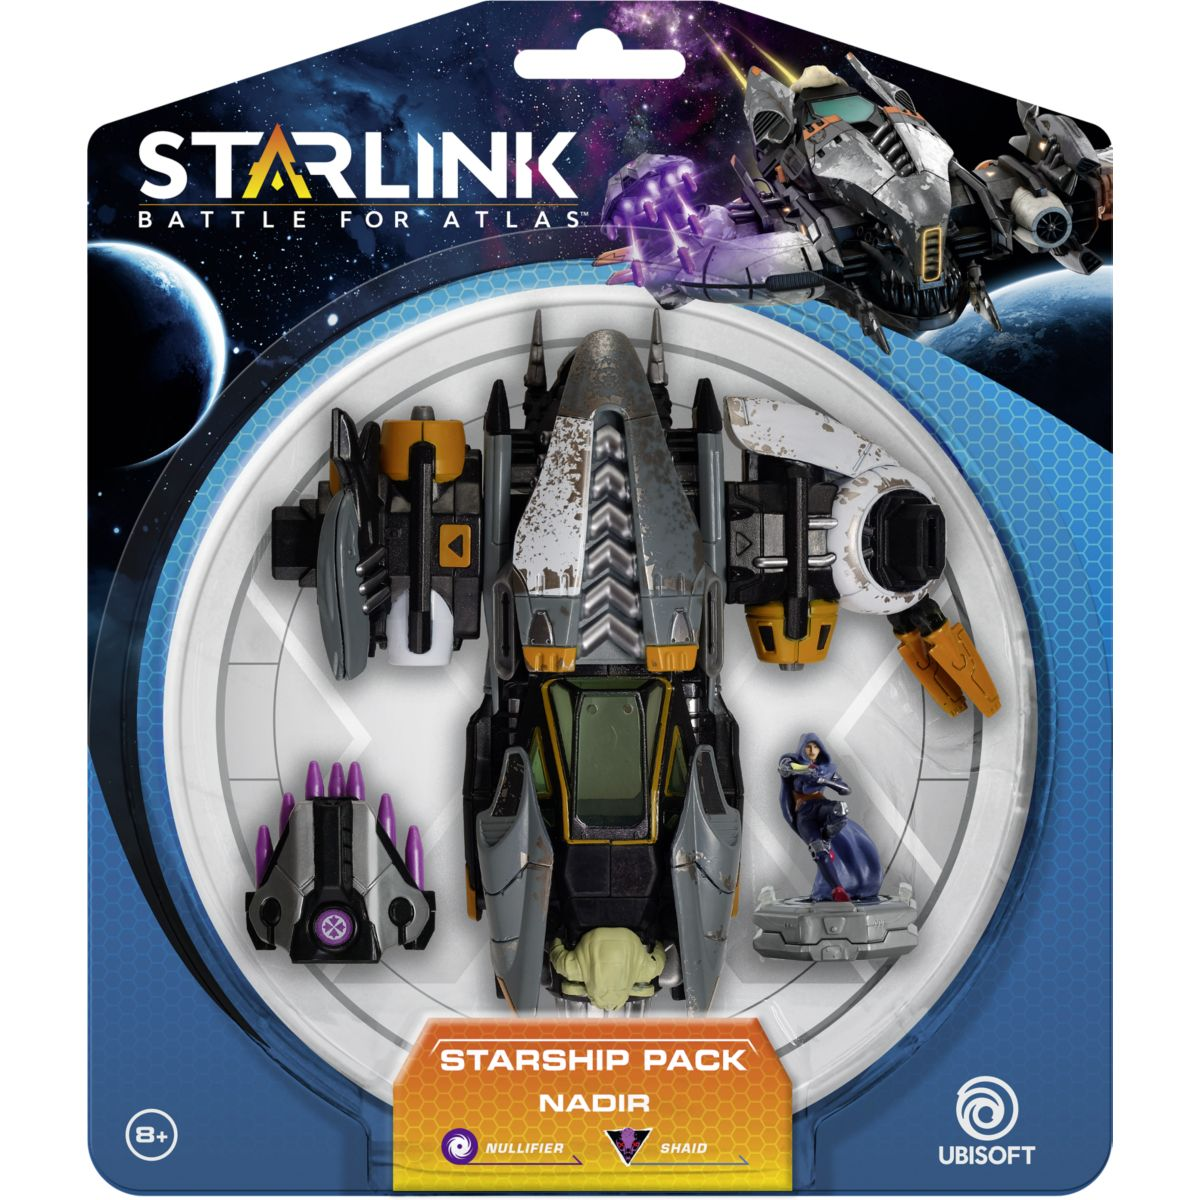 Jouet connecté UBISOFT Starlink Pack vaisseaux Nadir (photo)